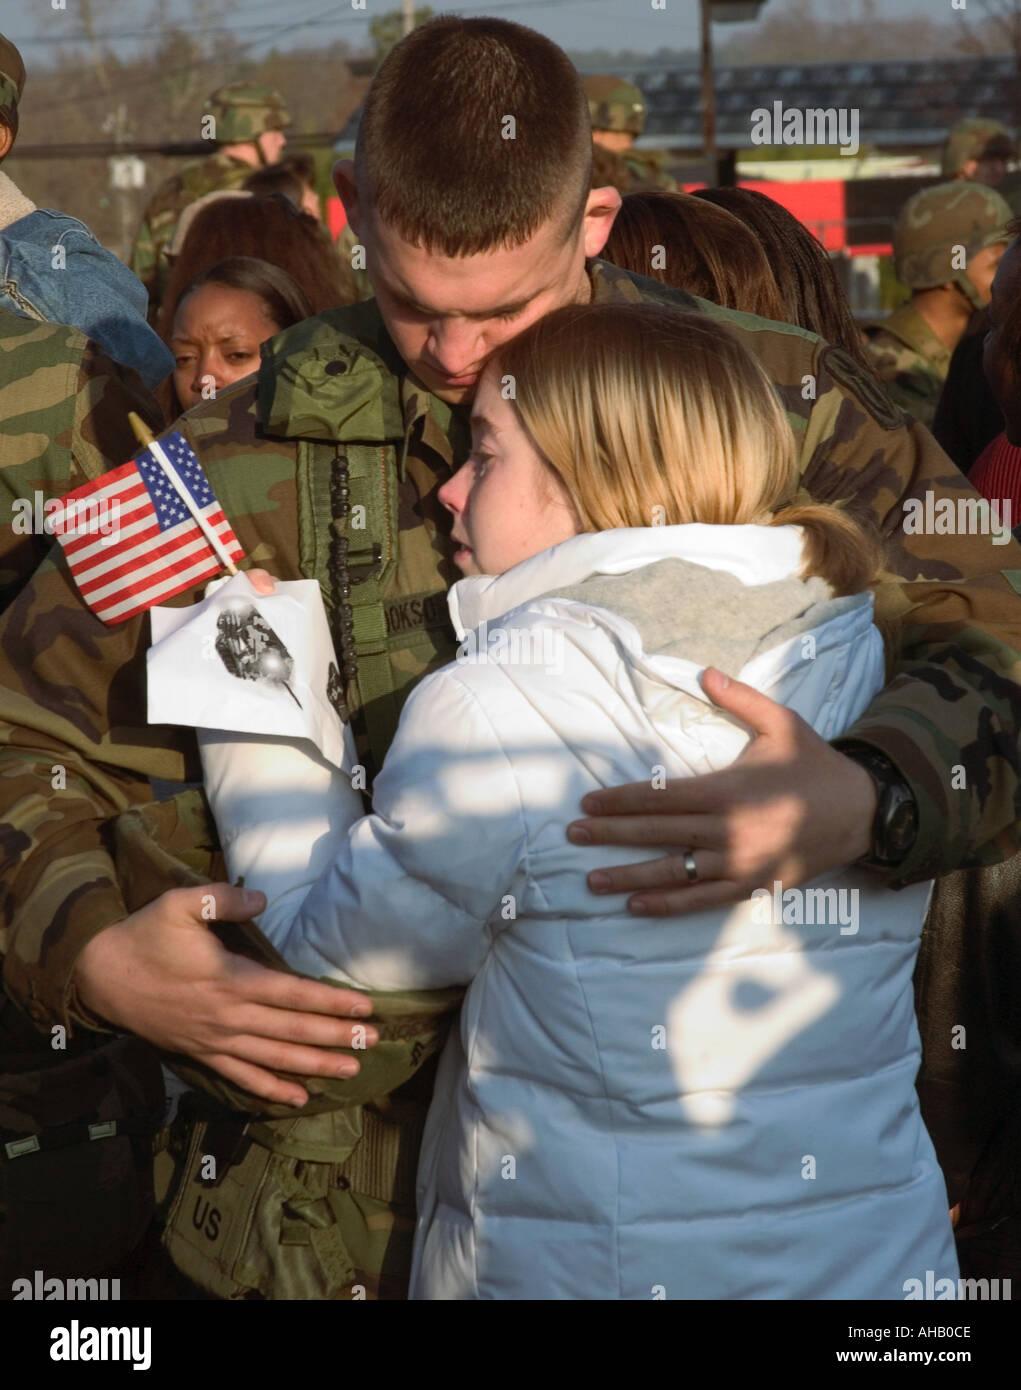 Soldat 20 bis 24 und für den Einsatz in den Irak umarmt seine Frau Holding US Flag USA Stockbild